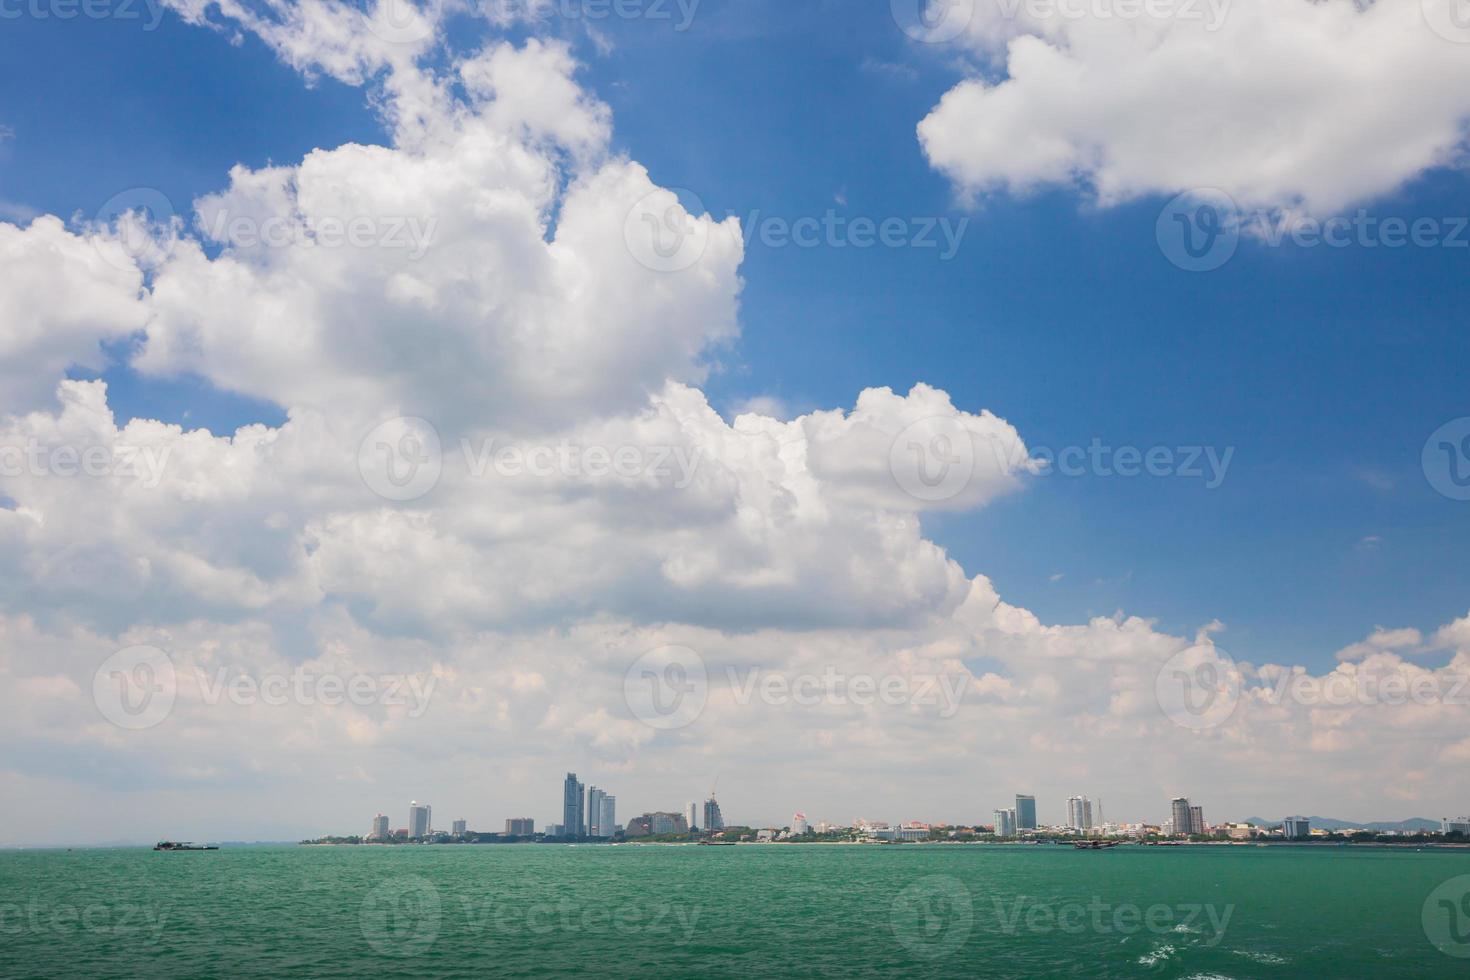 stadsbild utsikt från vattnet foto